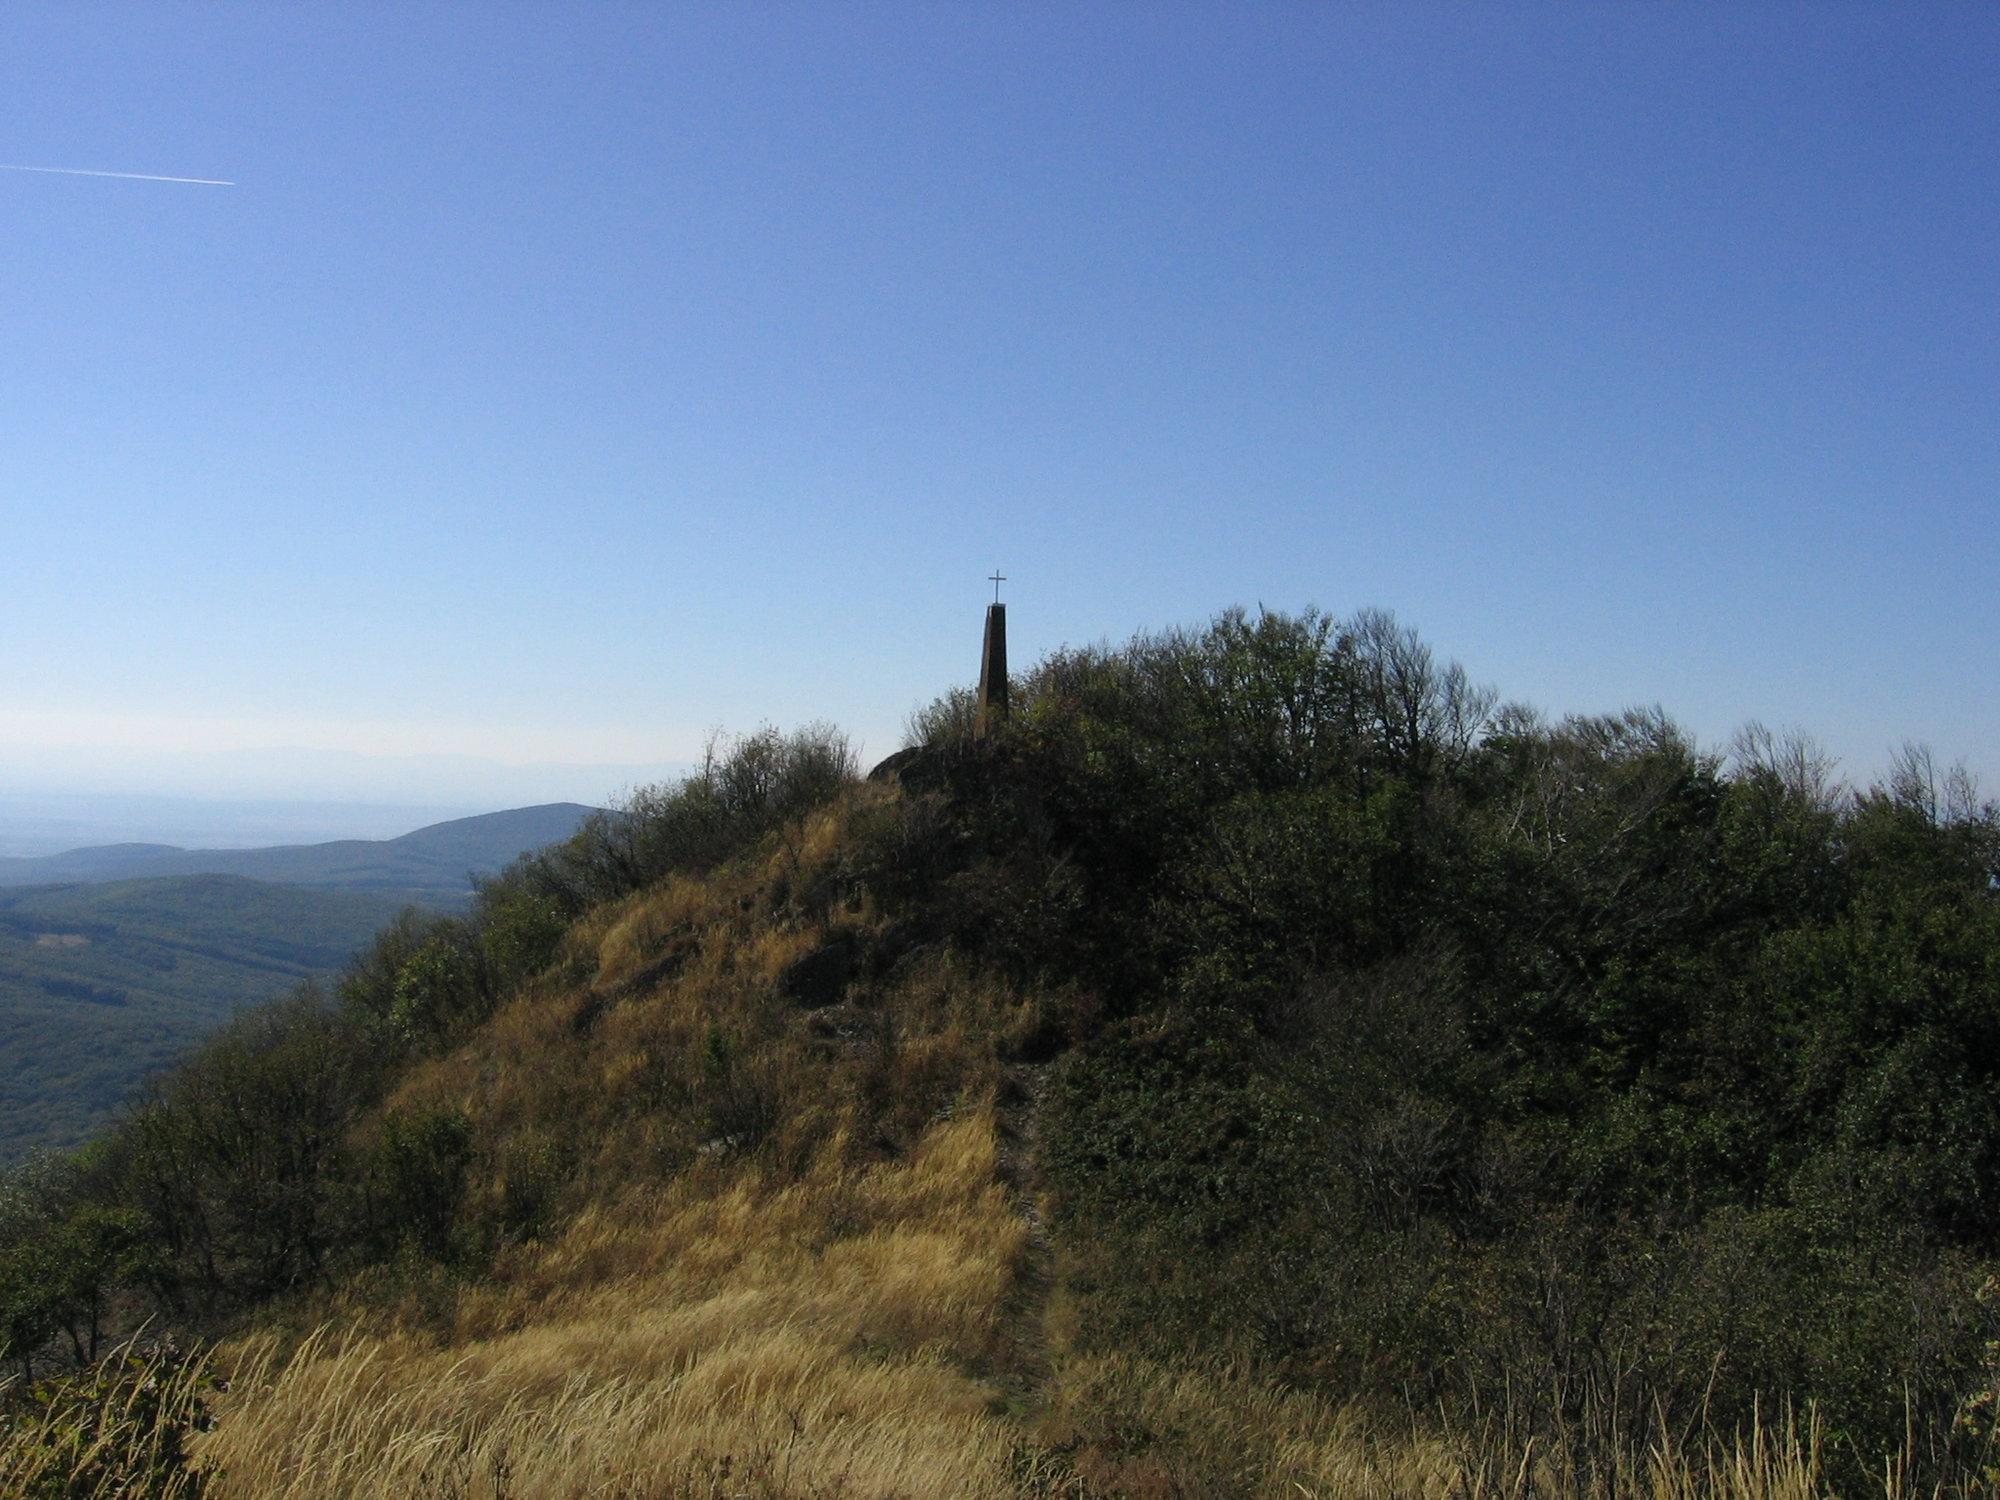 7c73dfae4 Zemplínska šírava je po Oravskej priehrade so svojou rozlohou 33 km2 druhou  najväčšou vodnou nádržou na Slovensku. Oproti tomu priemerná hĺbka je len  3,5 m, ...